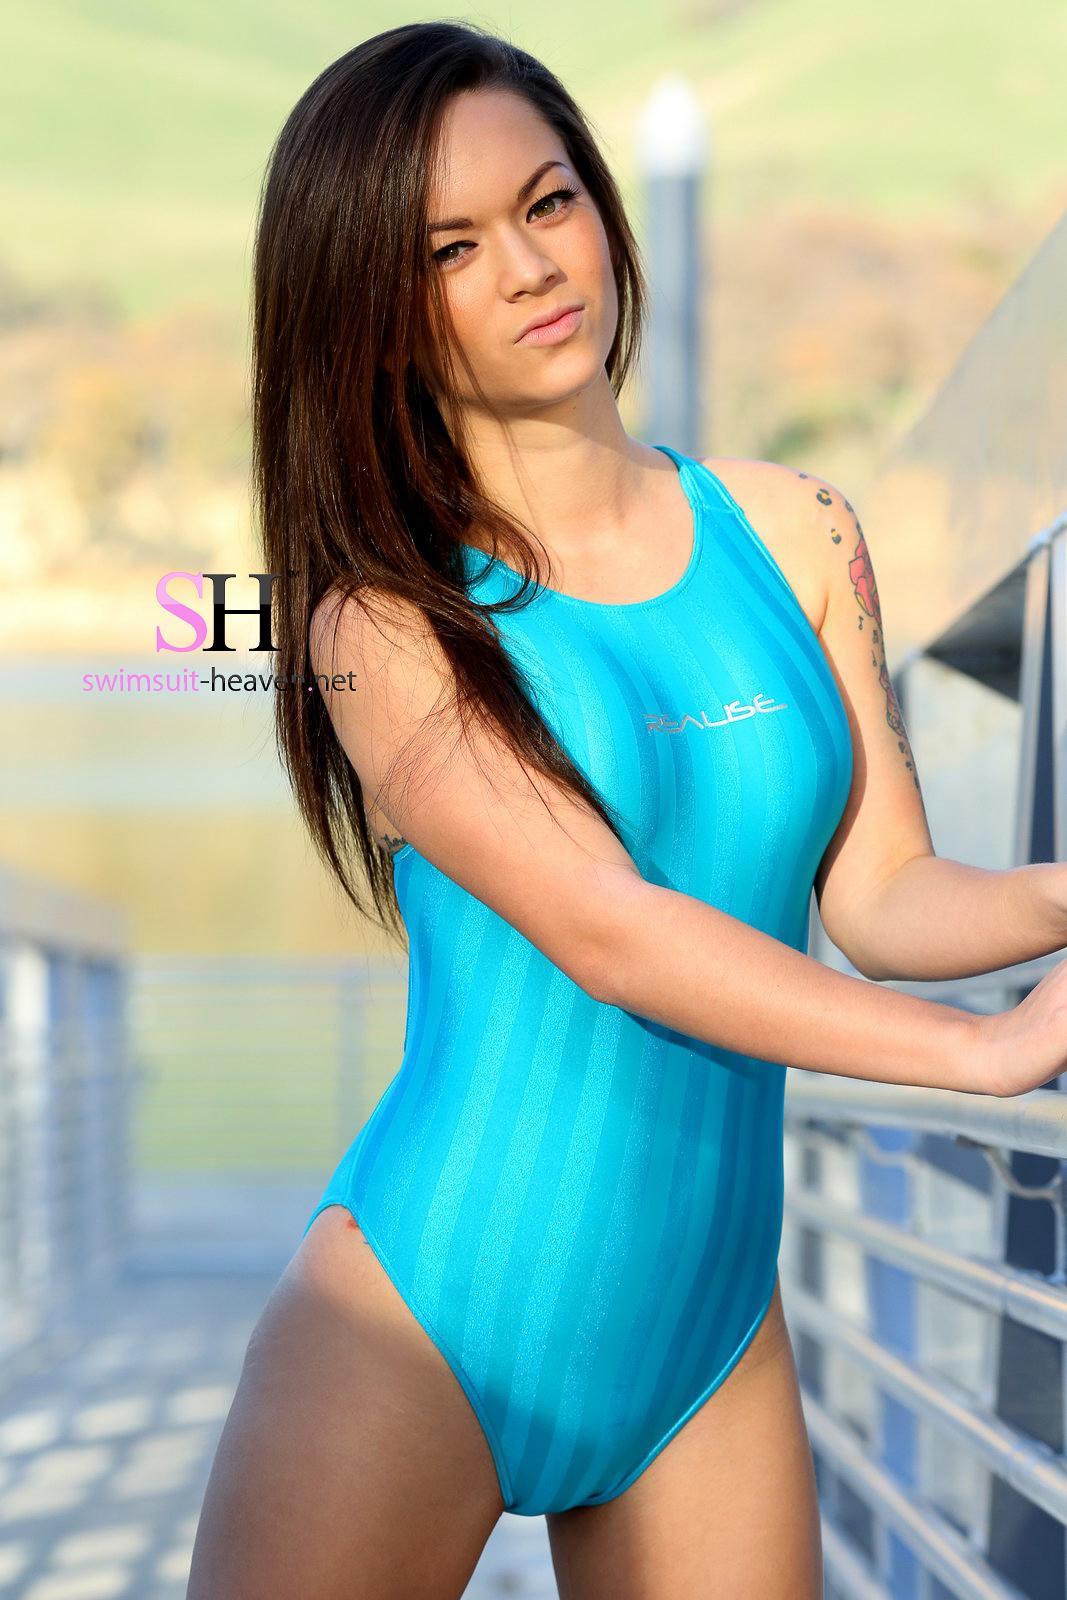 Swimsuit Heaven Net On Twitter Quot Terra In Blue Princess